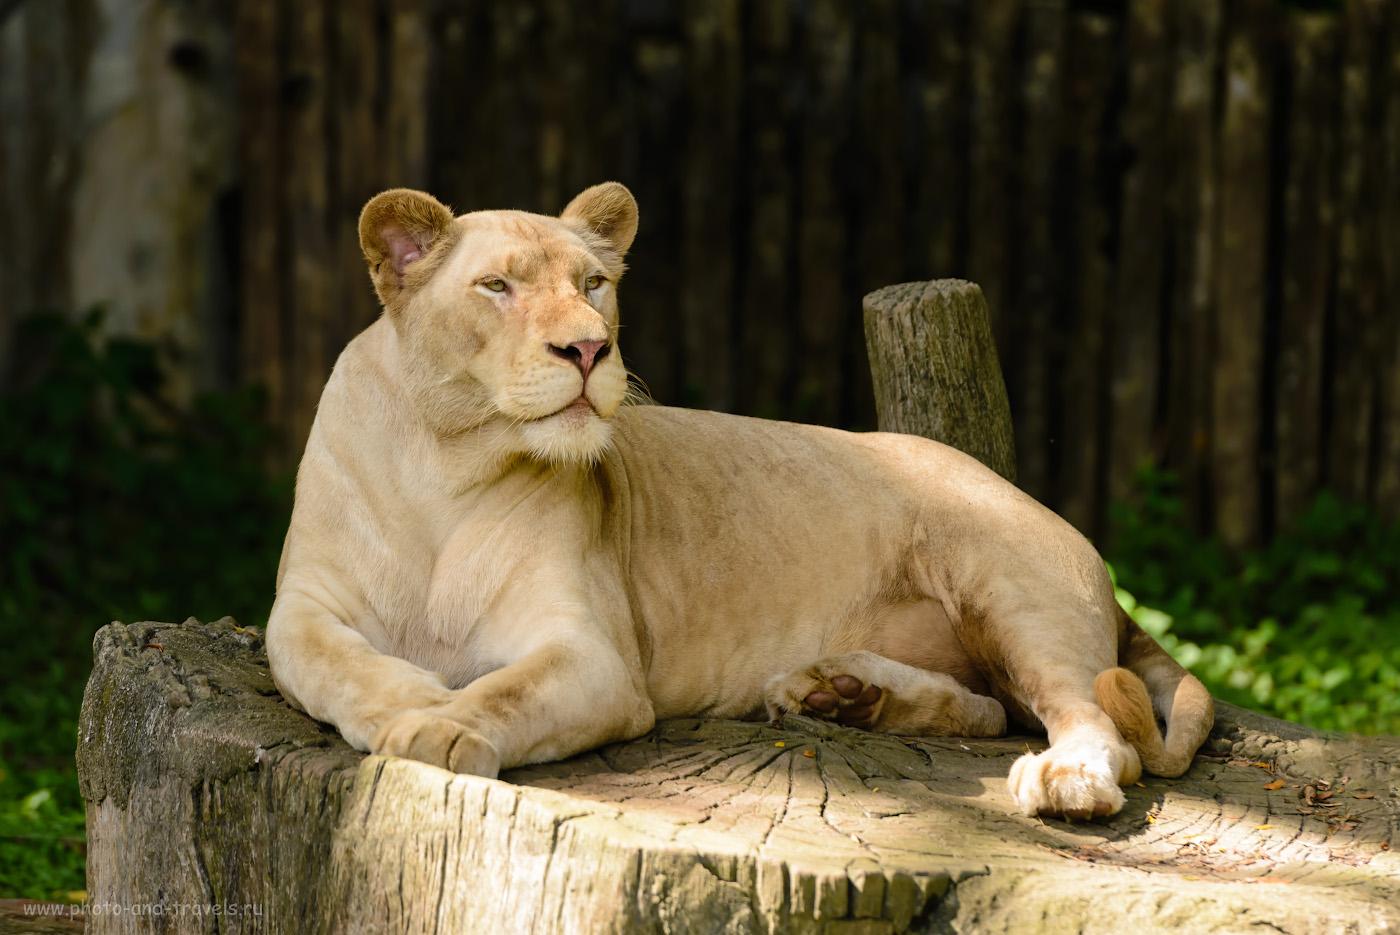 Фото 17. А вы знали, что на свете существуют белые львы? Съездите на экскурсию в зоопарк «Кхао Кхео» и привезите доказательства. 1/500, 3.5, 360, 200.